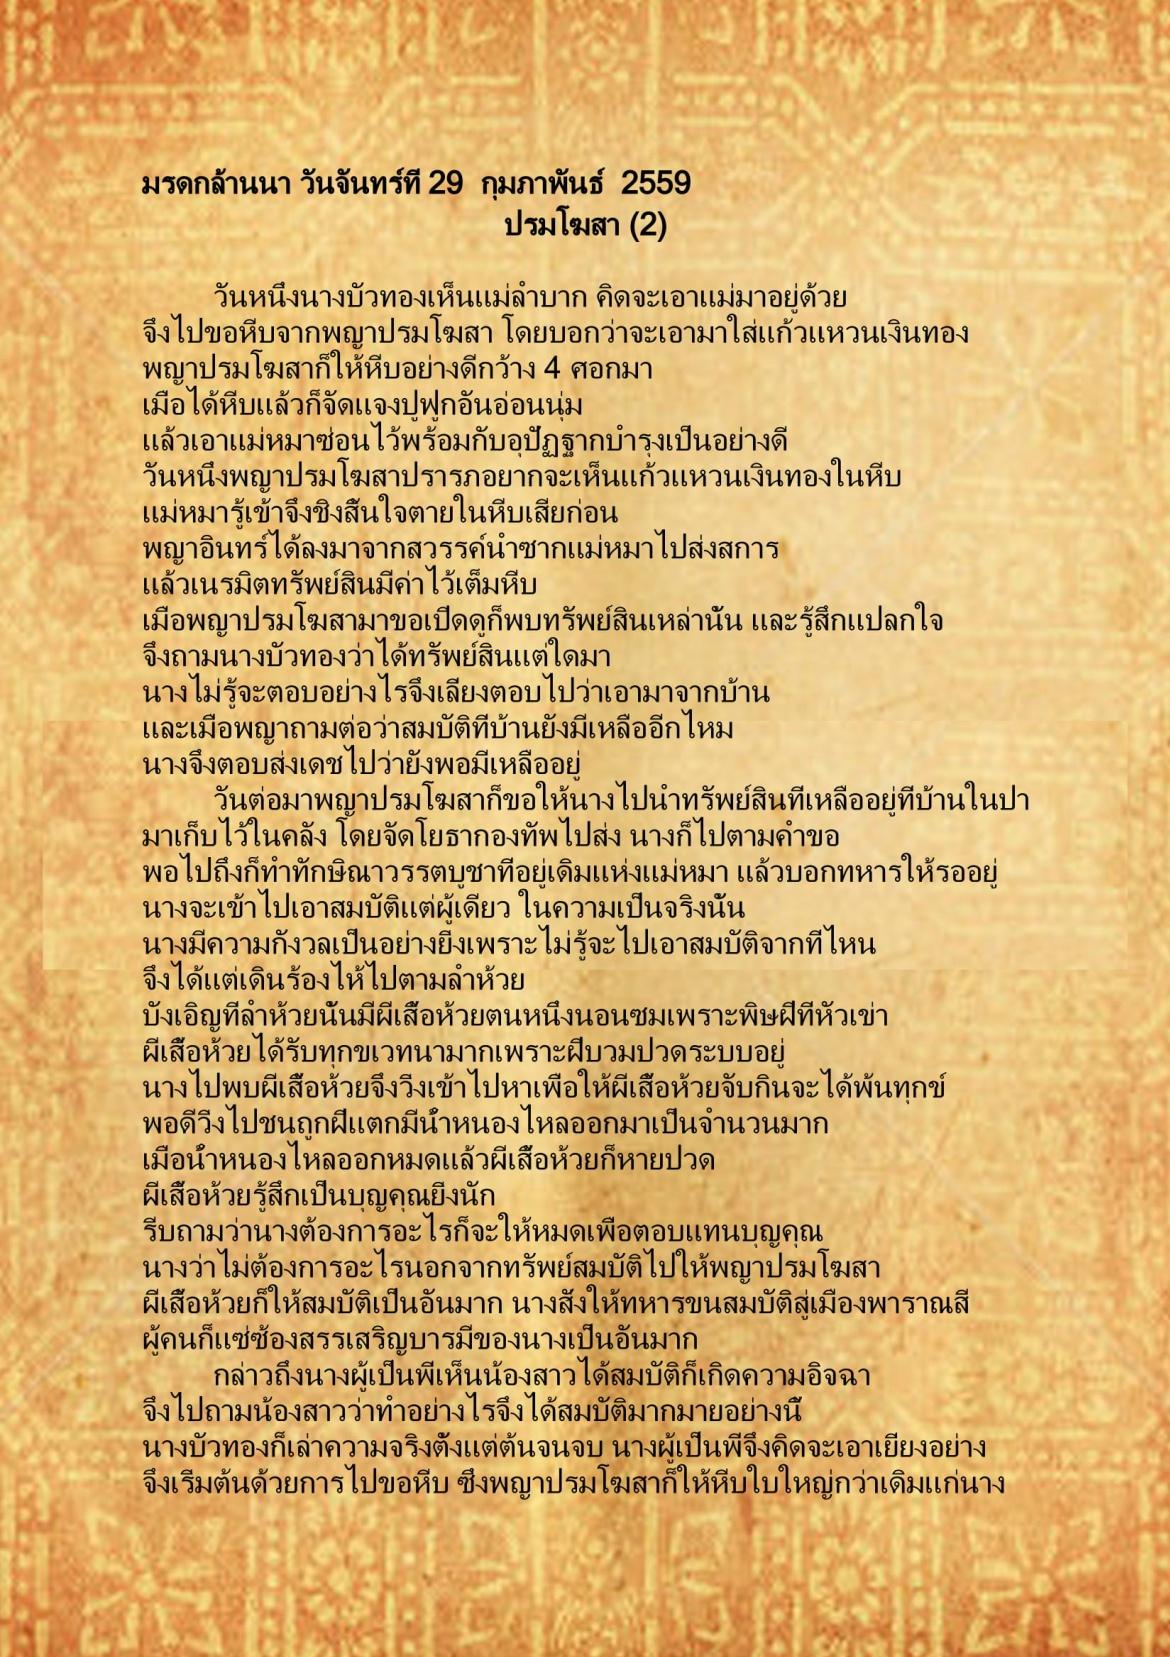 ปรมโฆสา (2) - 29  กุมภาพันธ์  2559